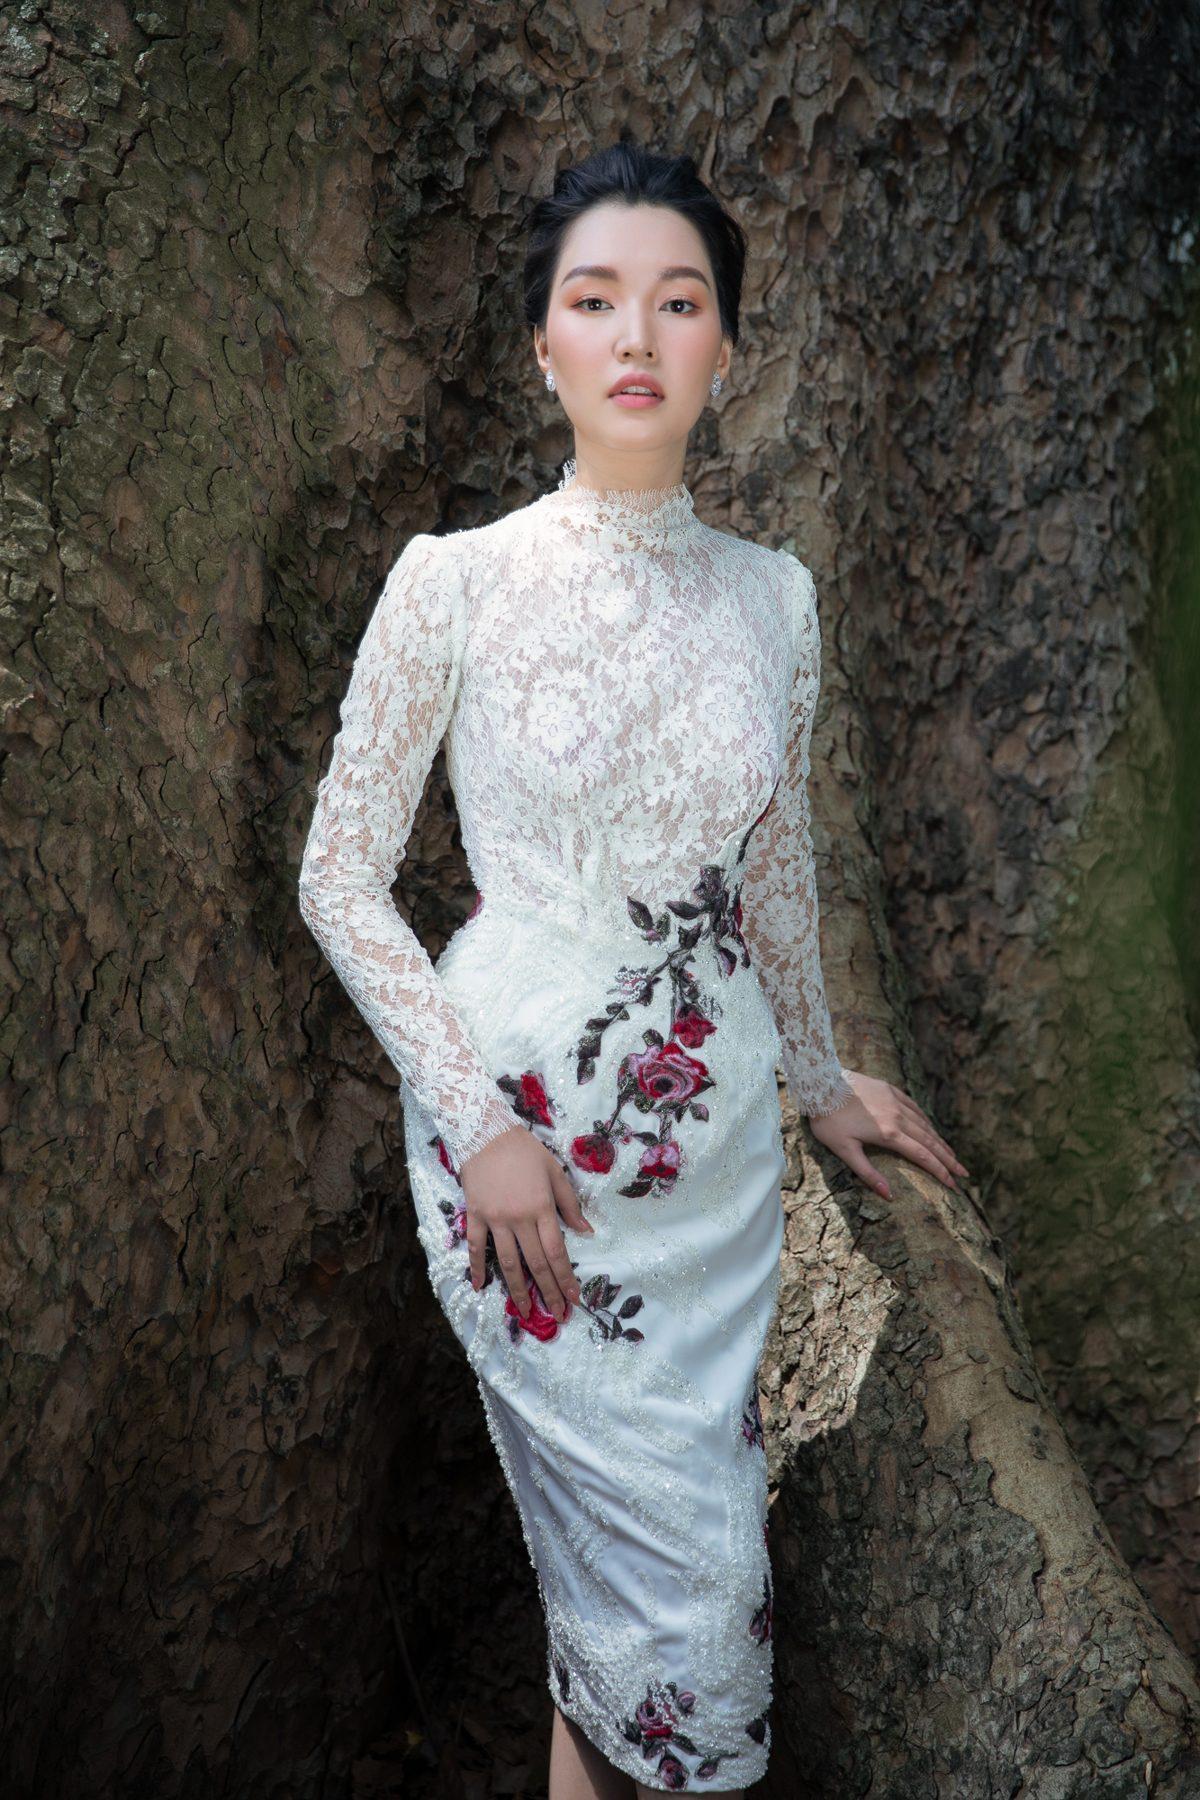 'Nàng thơ xứ Huế' Ngọc Trân cuốn hút với nét mơ màng trong loạt váy áo e ấp Ảnh 18